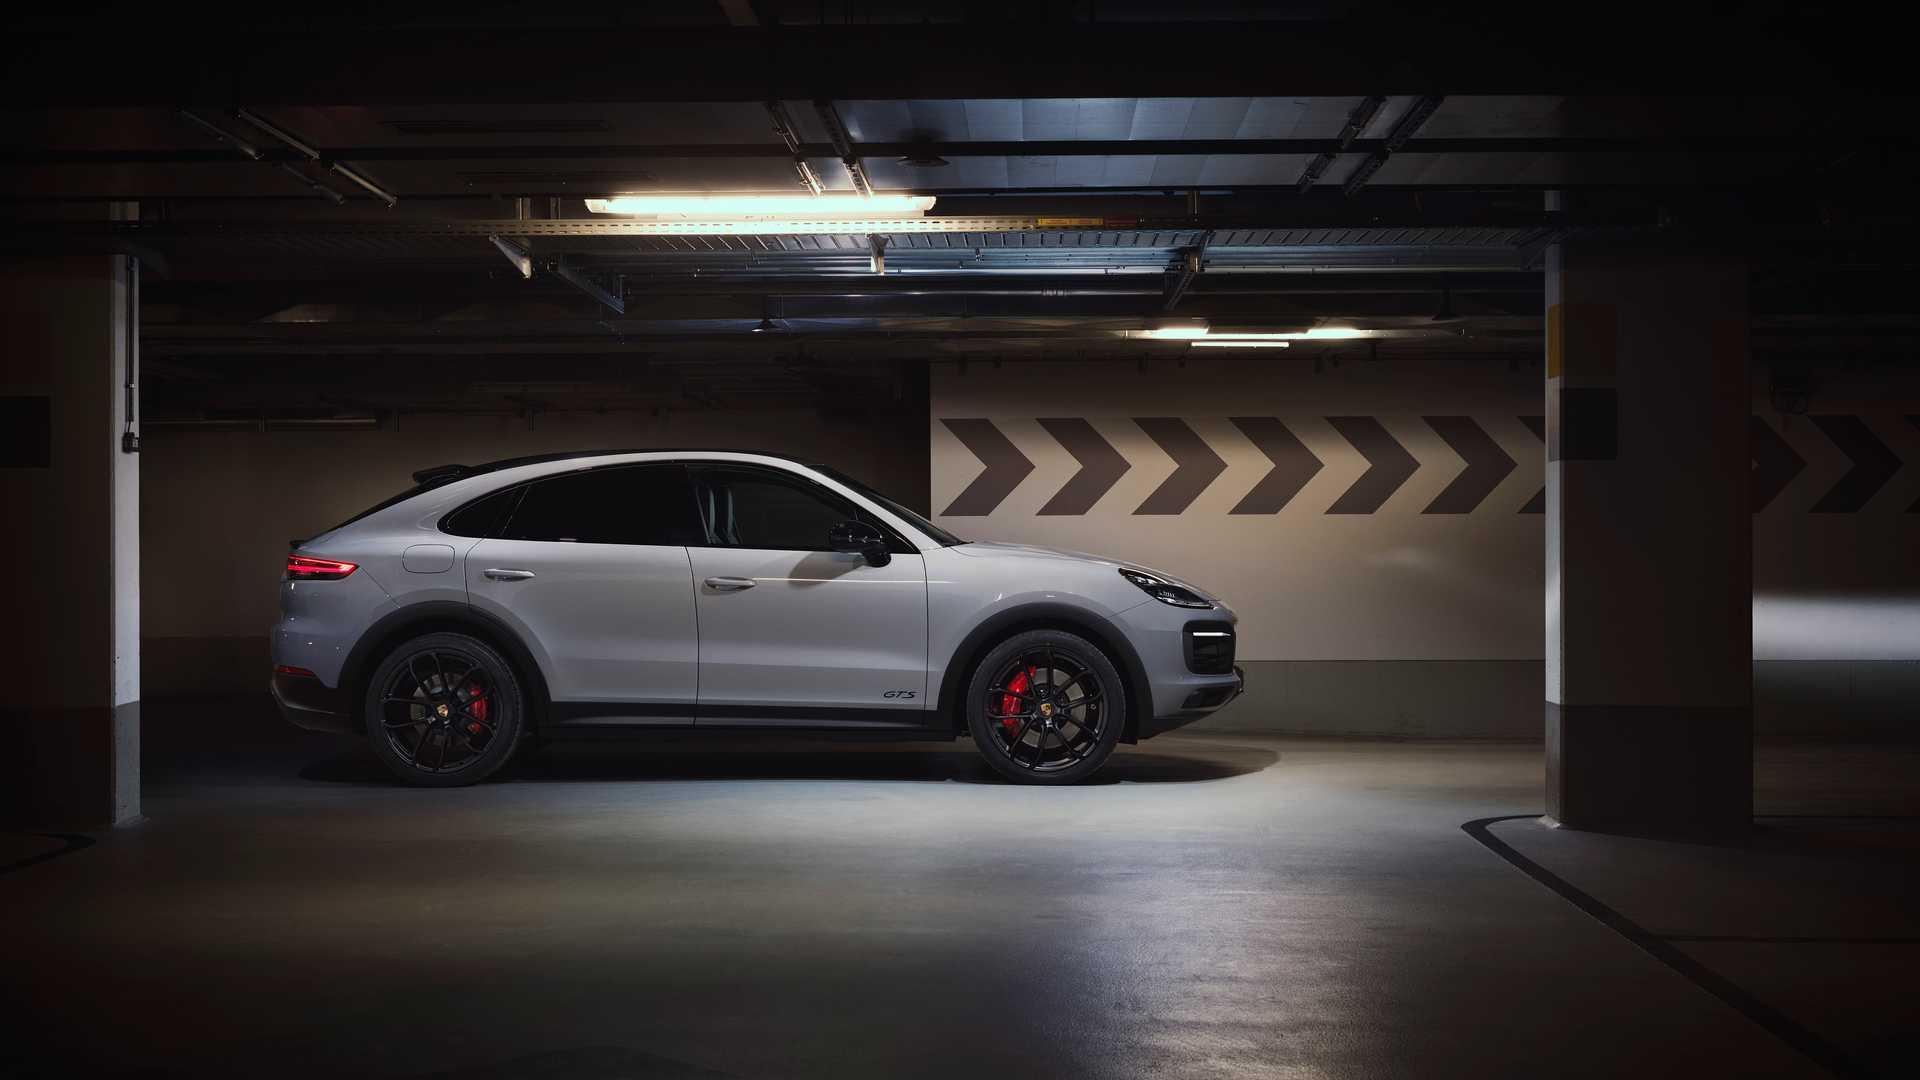 2021年保时捷Cayenne GTS,Coupe GTS首次亮相453 HP V8动力